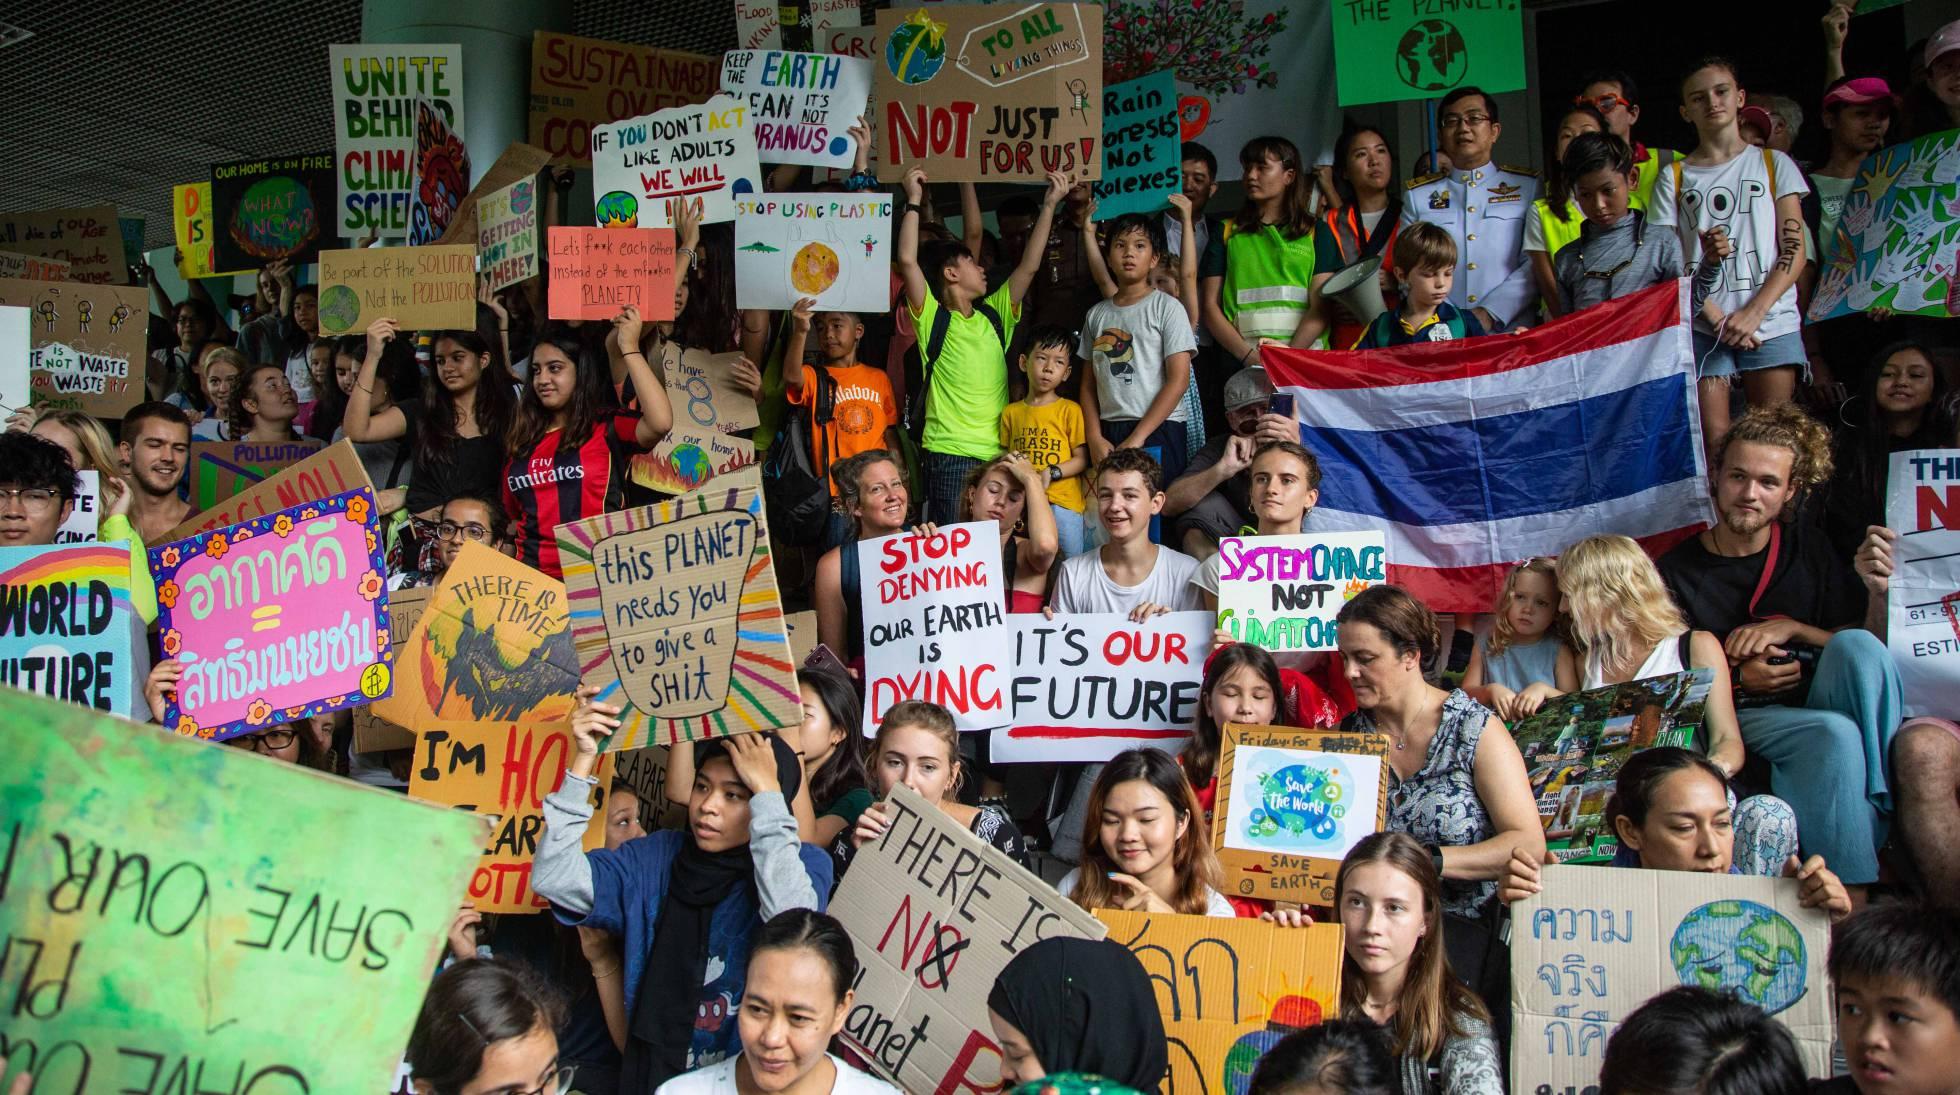 La manifestación mundial contra el cambio climático, en imágenes